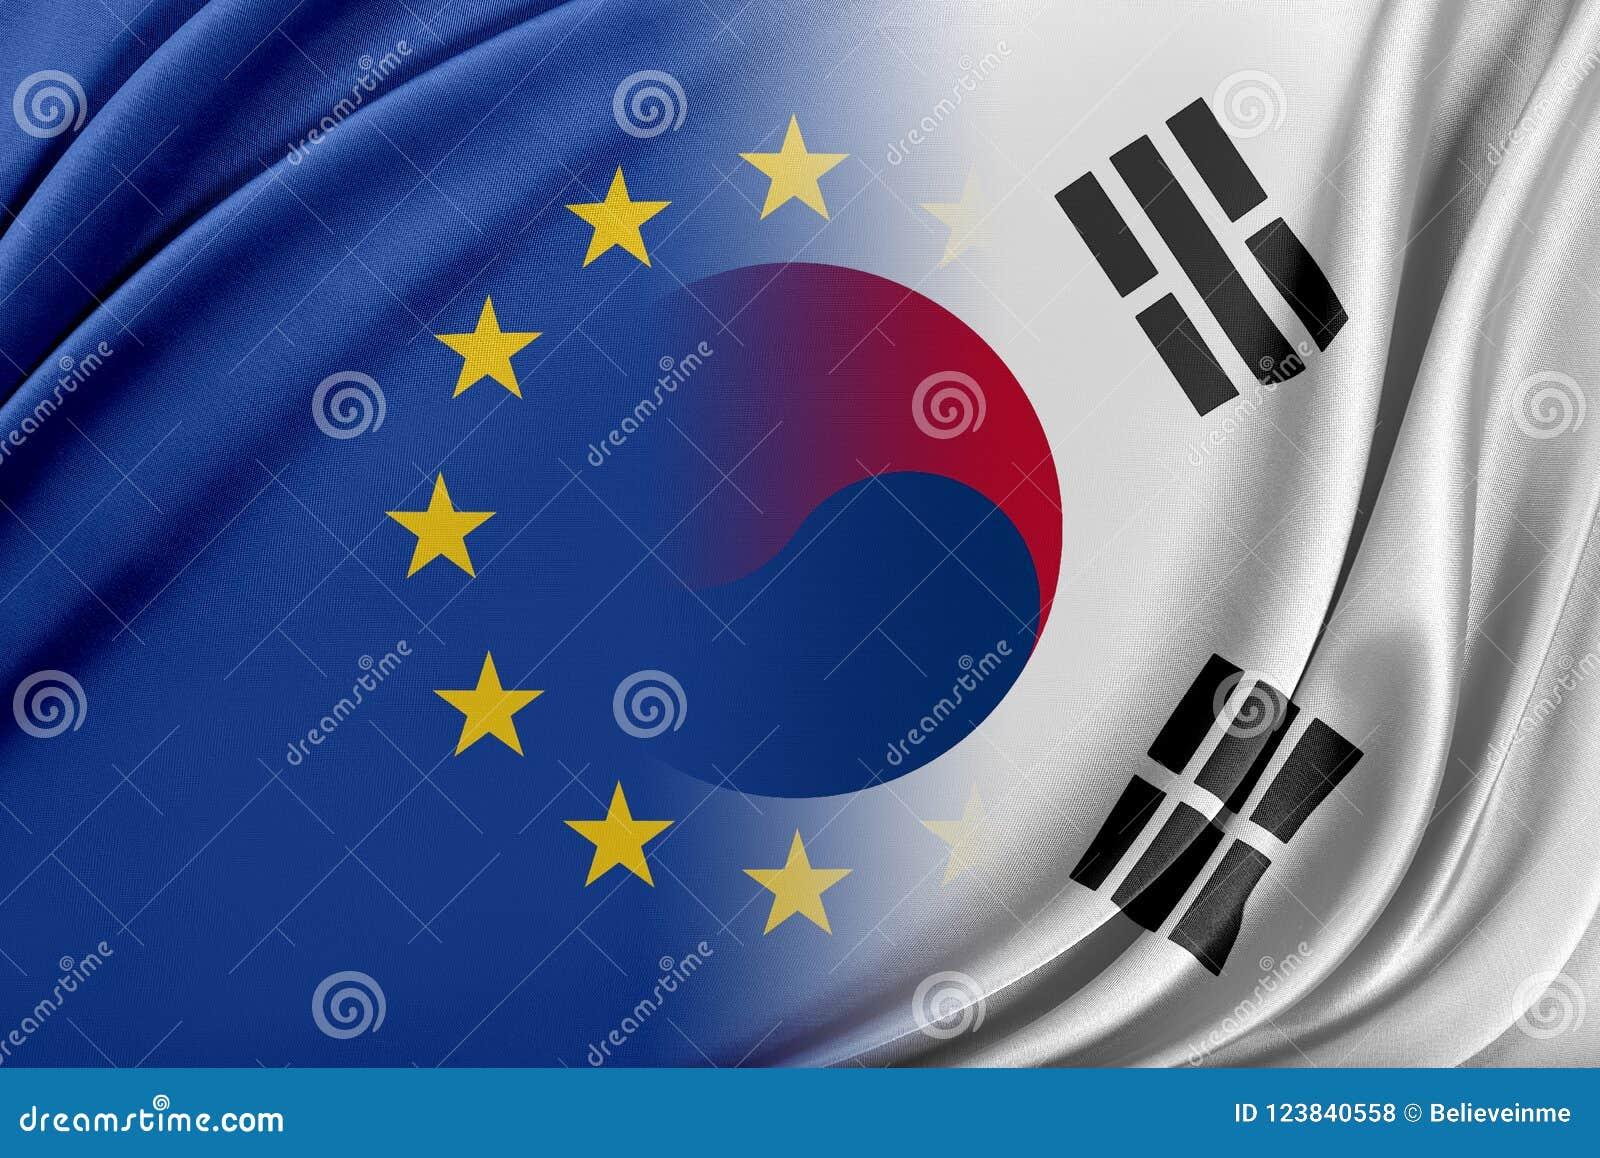 Europeisk södra union och Korea Begreppet av förhållandet mellan södra EU och Korea